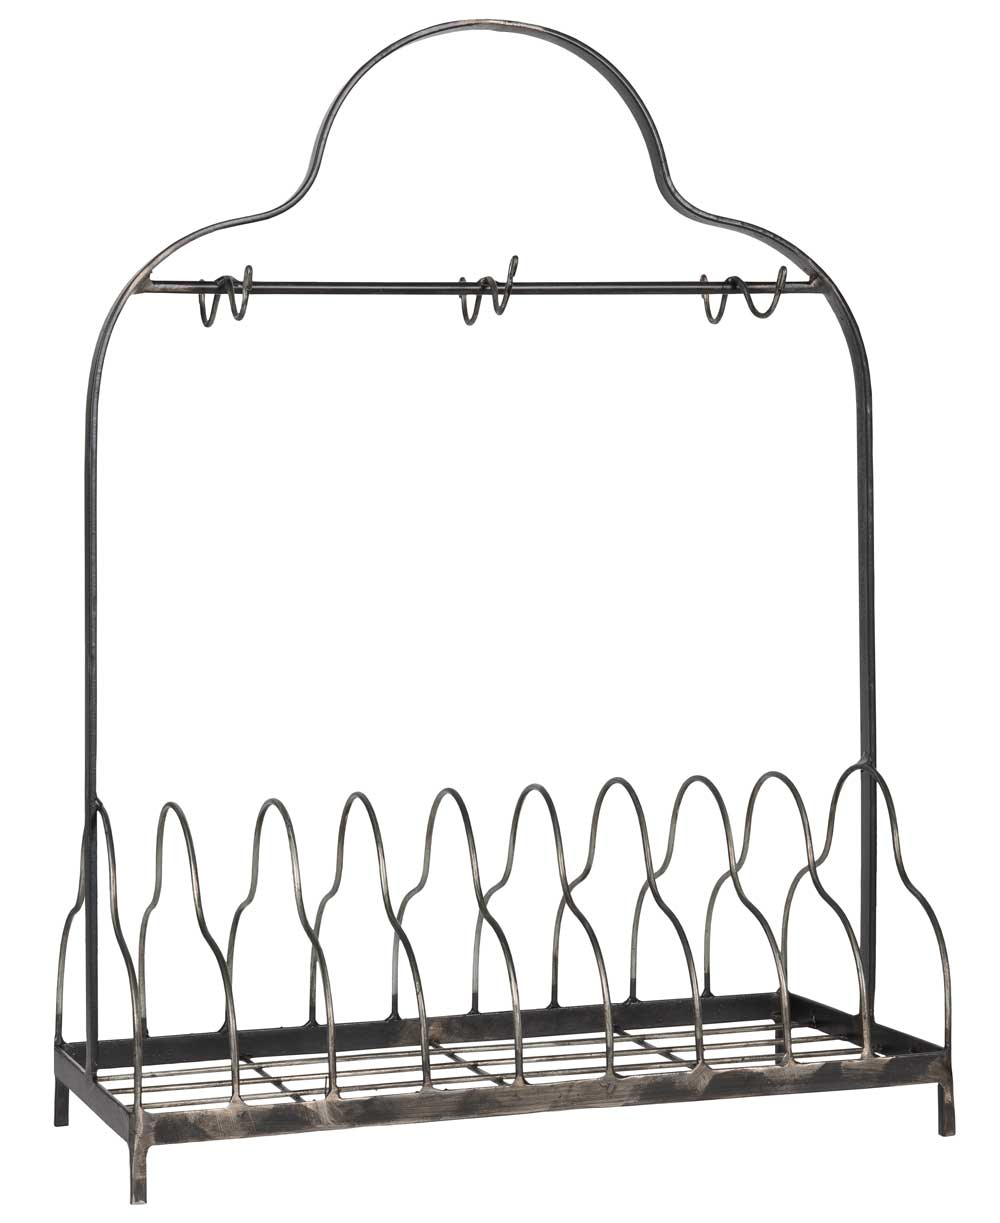 ib laursen – Ib laursen tallerkenholder - grå metal, m. 6 kroge, passer til 9 tallerkner, (54x21cm) på boboonline.dk